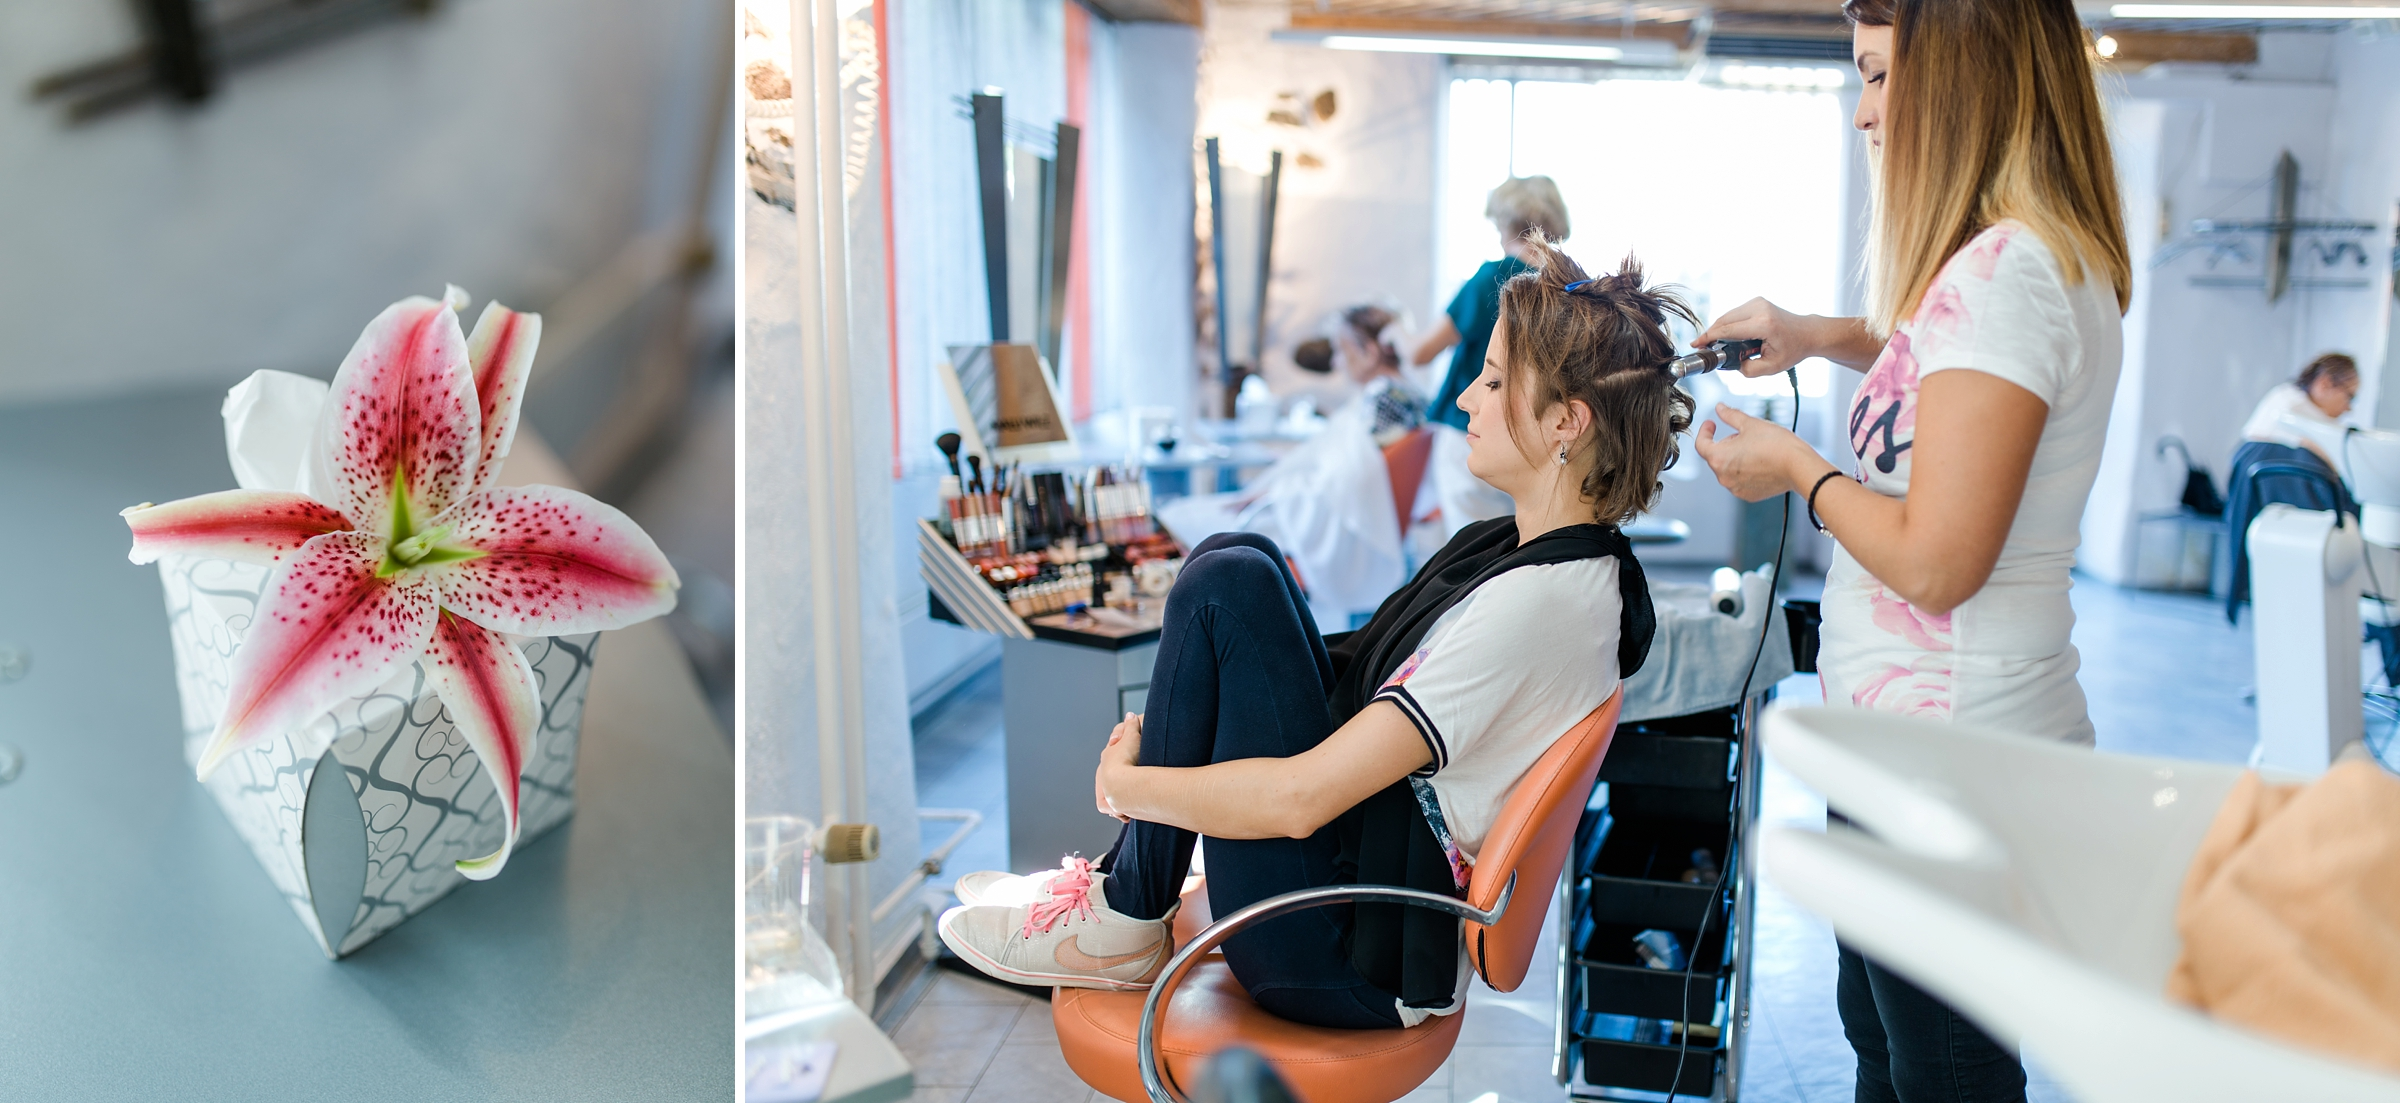 Hochzeitsfotograf-Zuerich-Brautvorbereitung-Blumen-Friseur-Getting-Ready